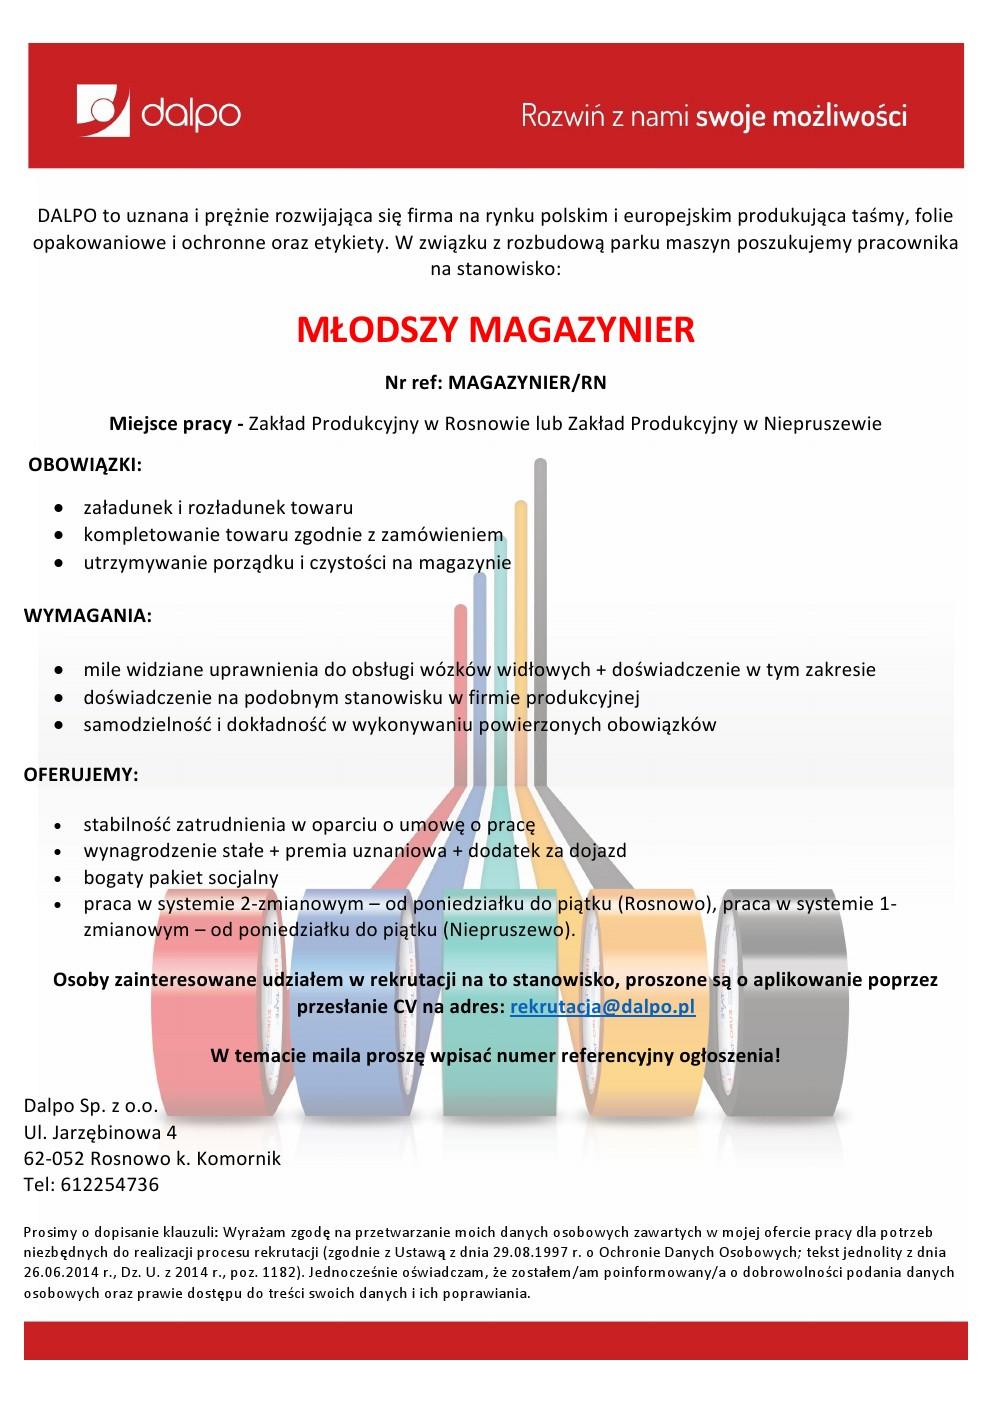 - mlodszy_magazynier_dalpo.jpg